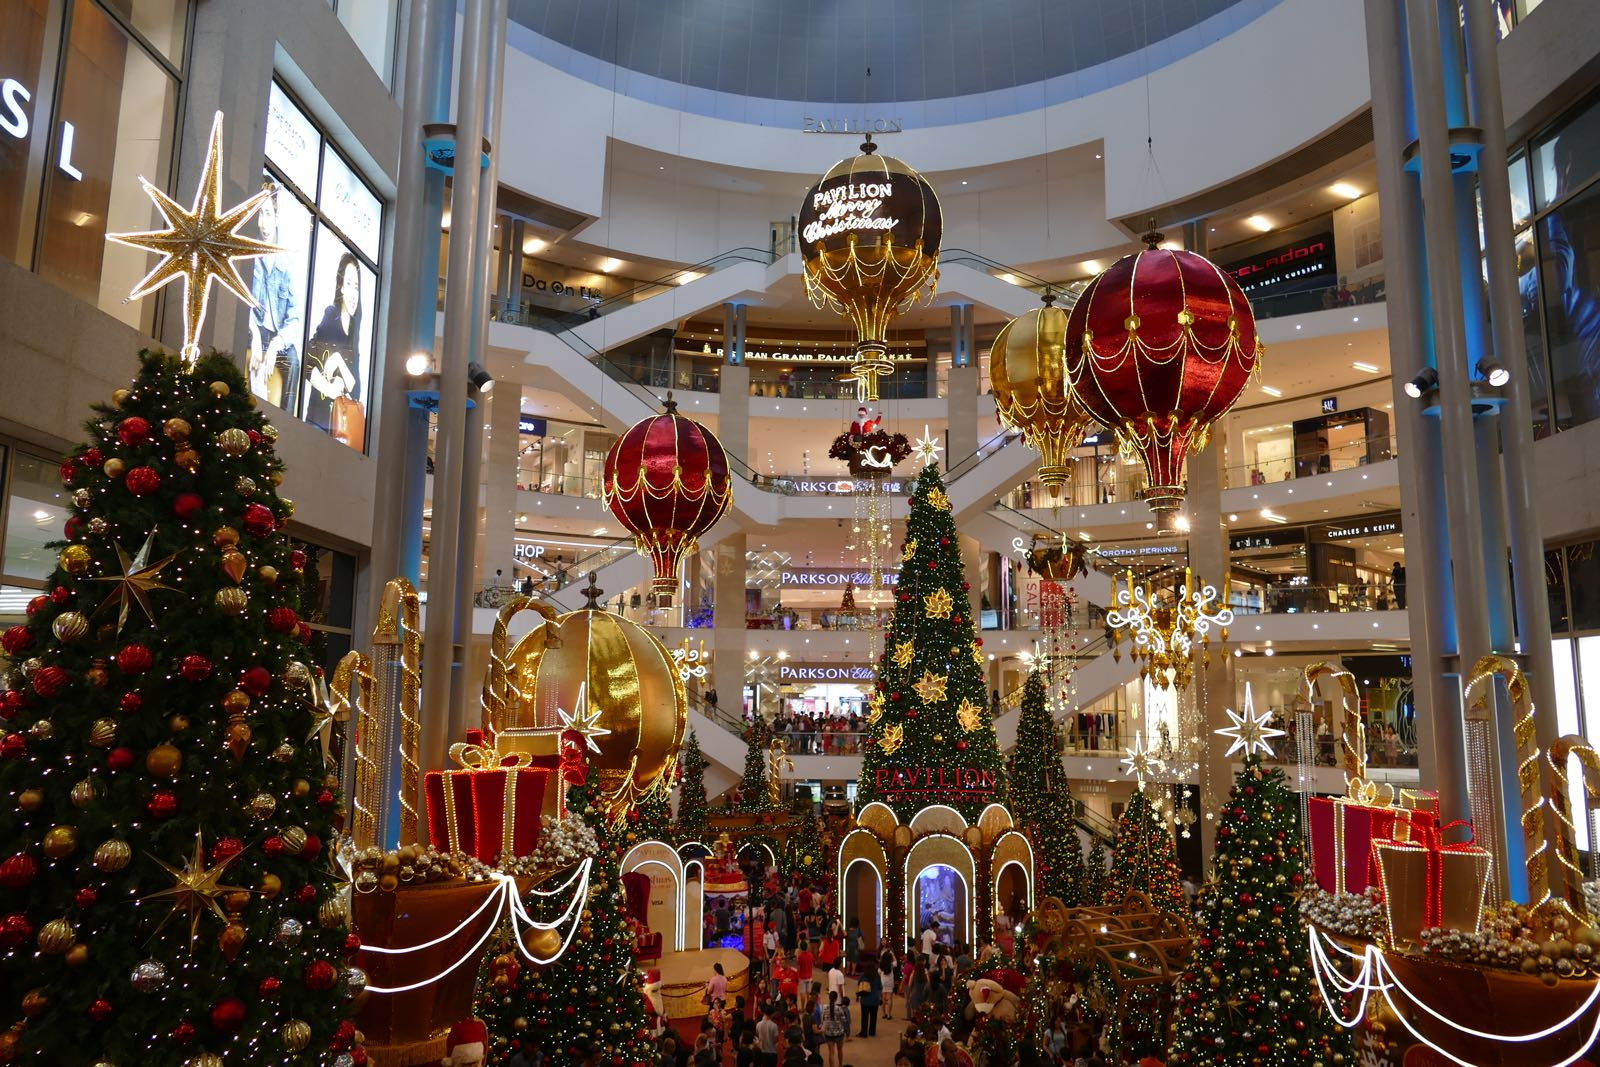 Das Pavilion Shopping Center mit Weihnachtsdeko